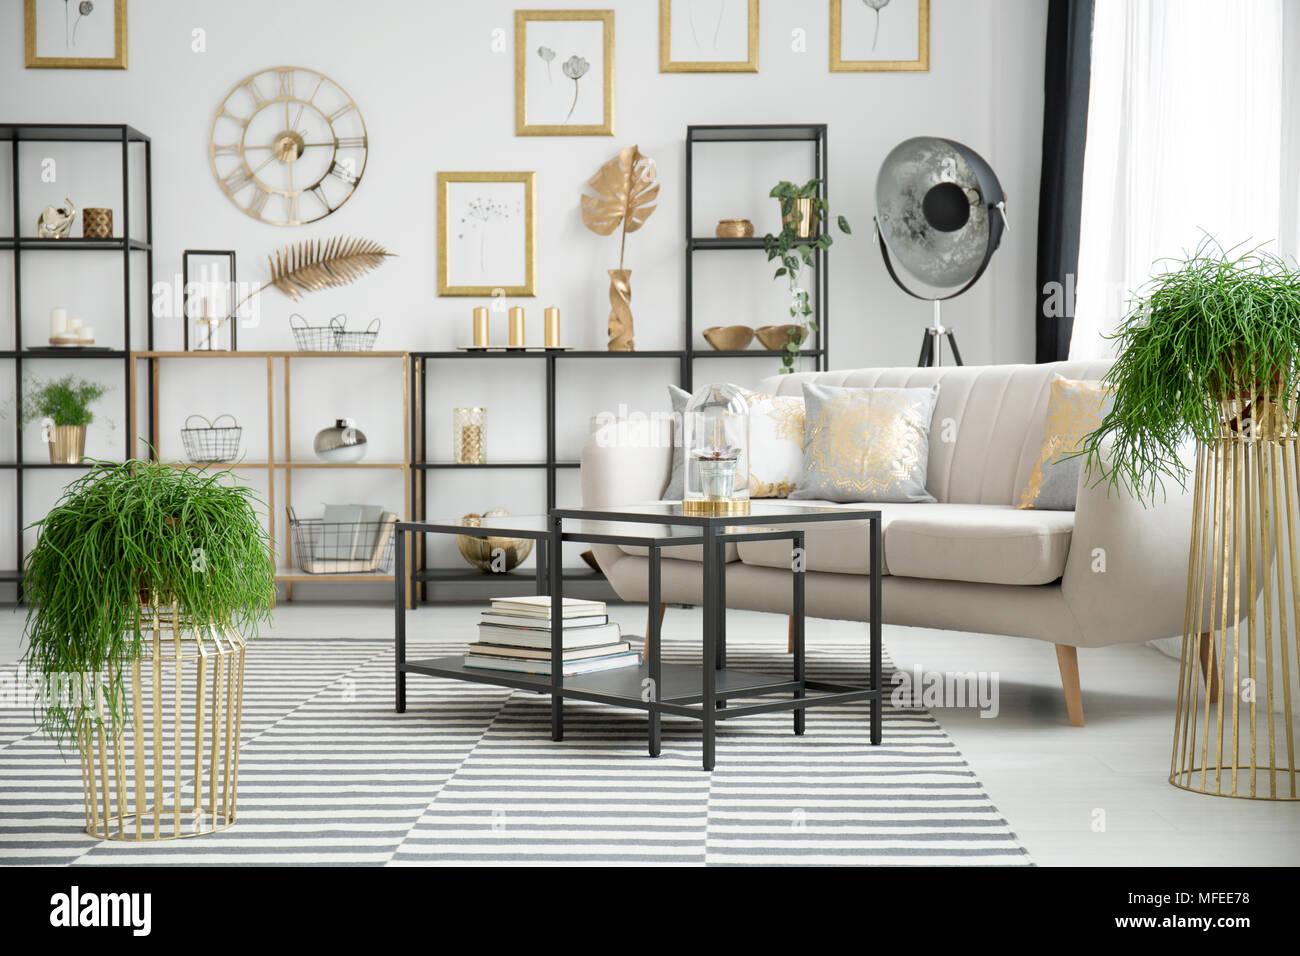 Wunderschön Wohnzimmereinrichtung Das Beste Von Pflanzen In Anspruchsvollen Wohnzimmer Einrichtung Mit Schwarzen